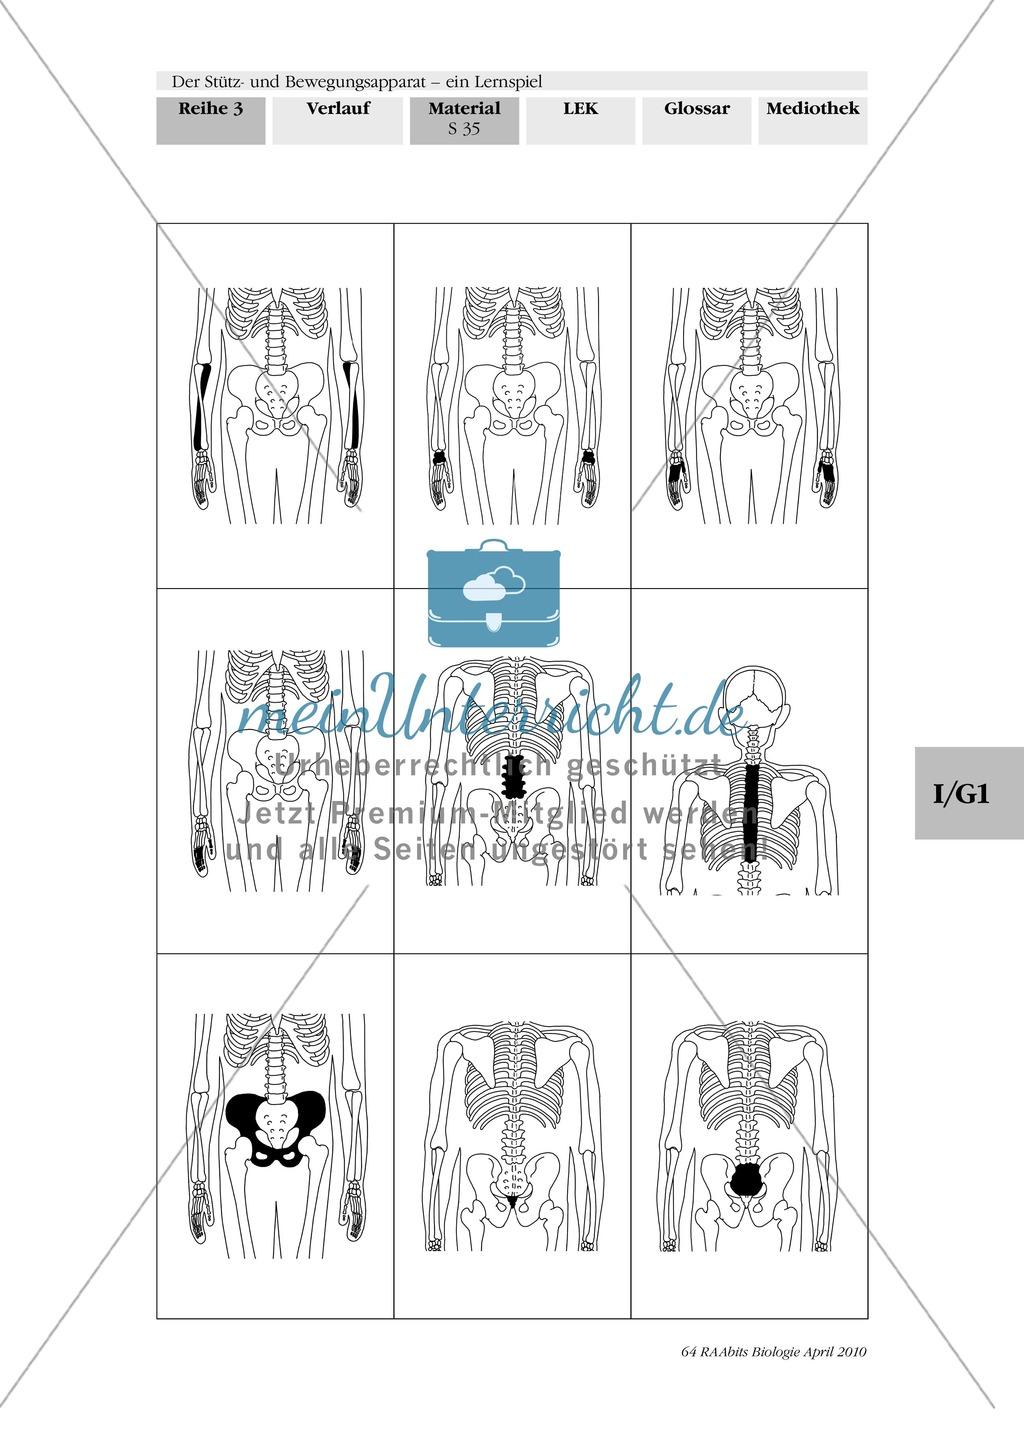 Lernspiel zum Stütz- und Bewegungsapparat: Spielanleitung, Spielfeld, Skelett-Puzzleteile, Fragen, Spielkarten, Röntgenbilder Kontrollbogen, Lösungsbogen Preview 33